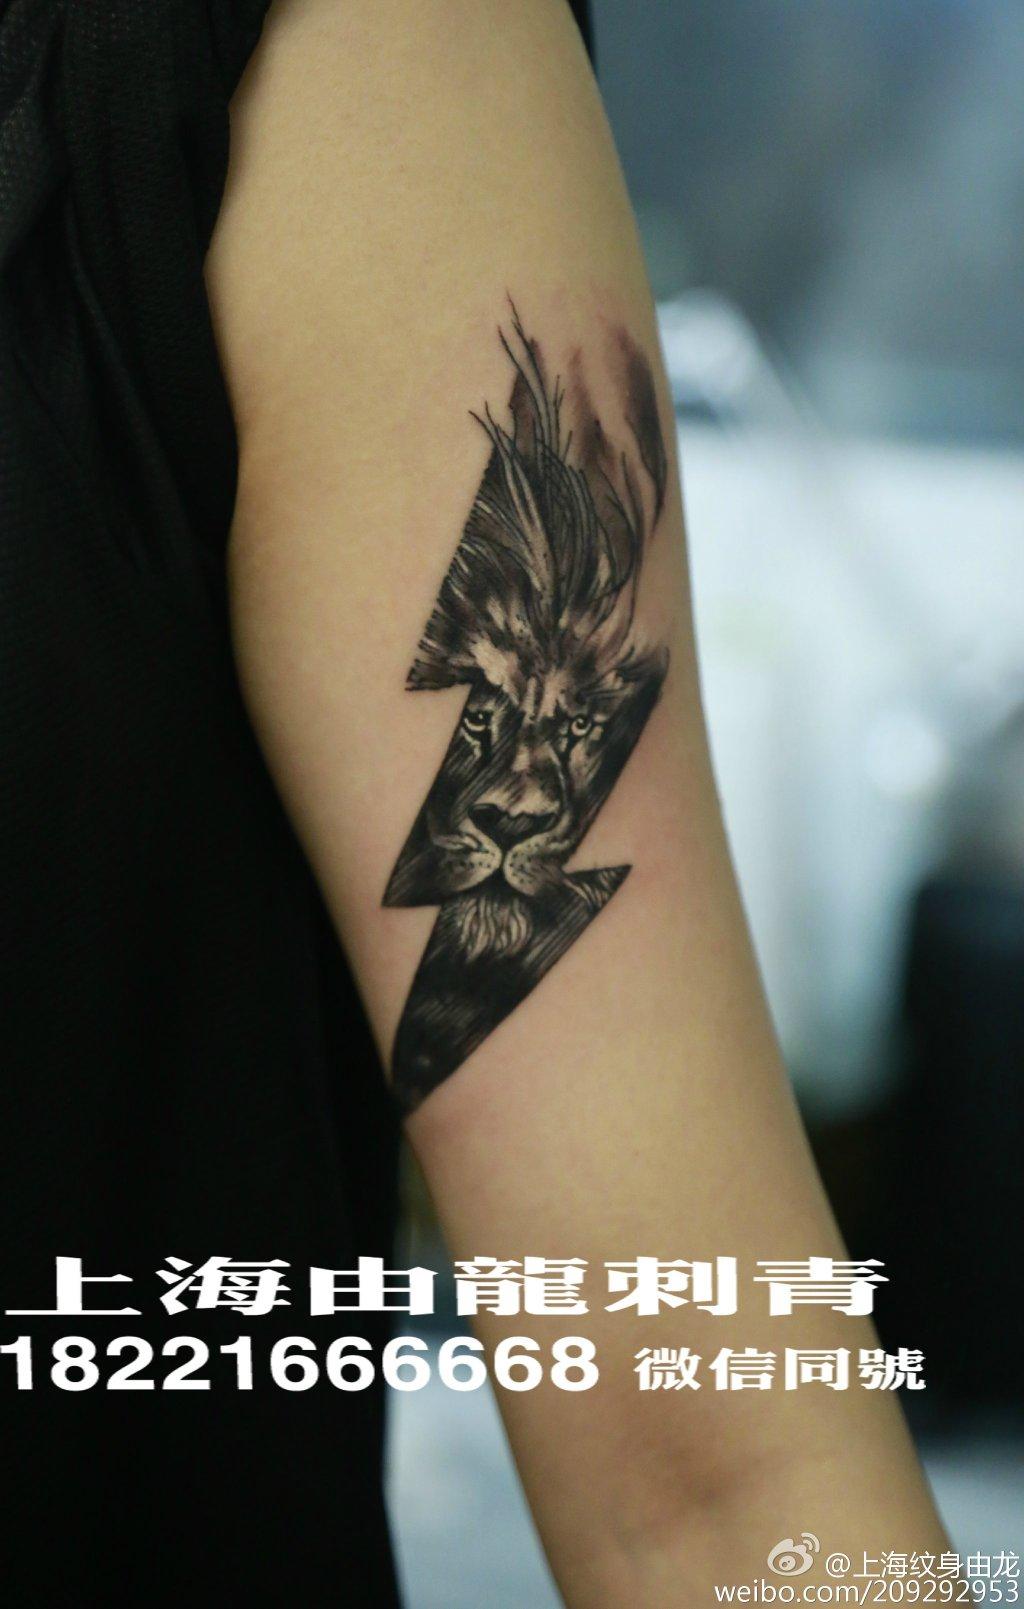 > 女生纹身图片